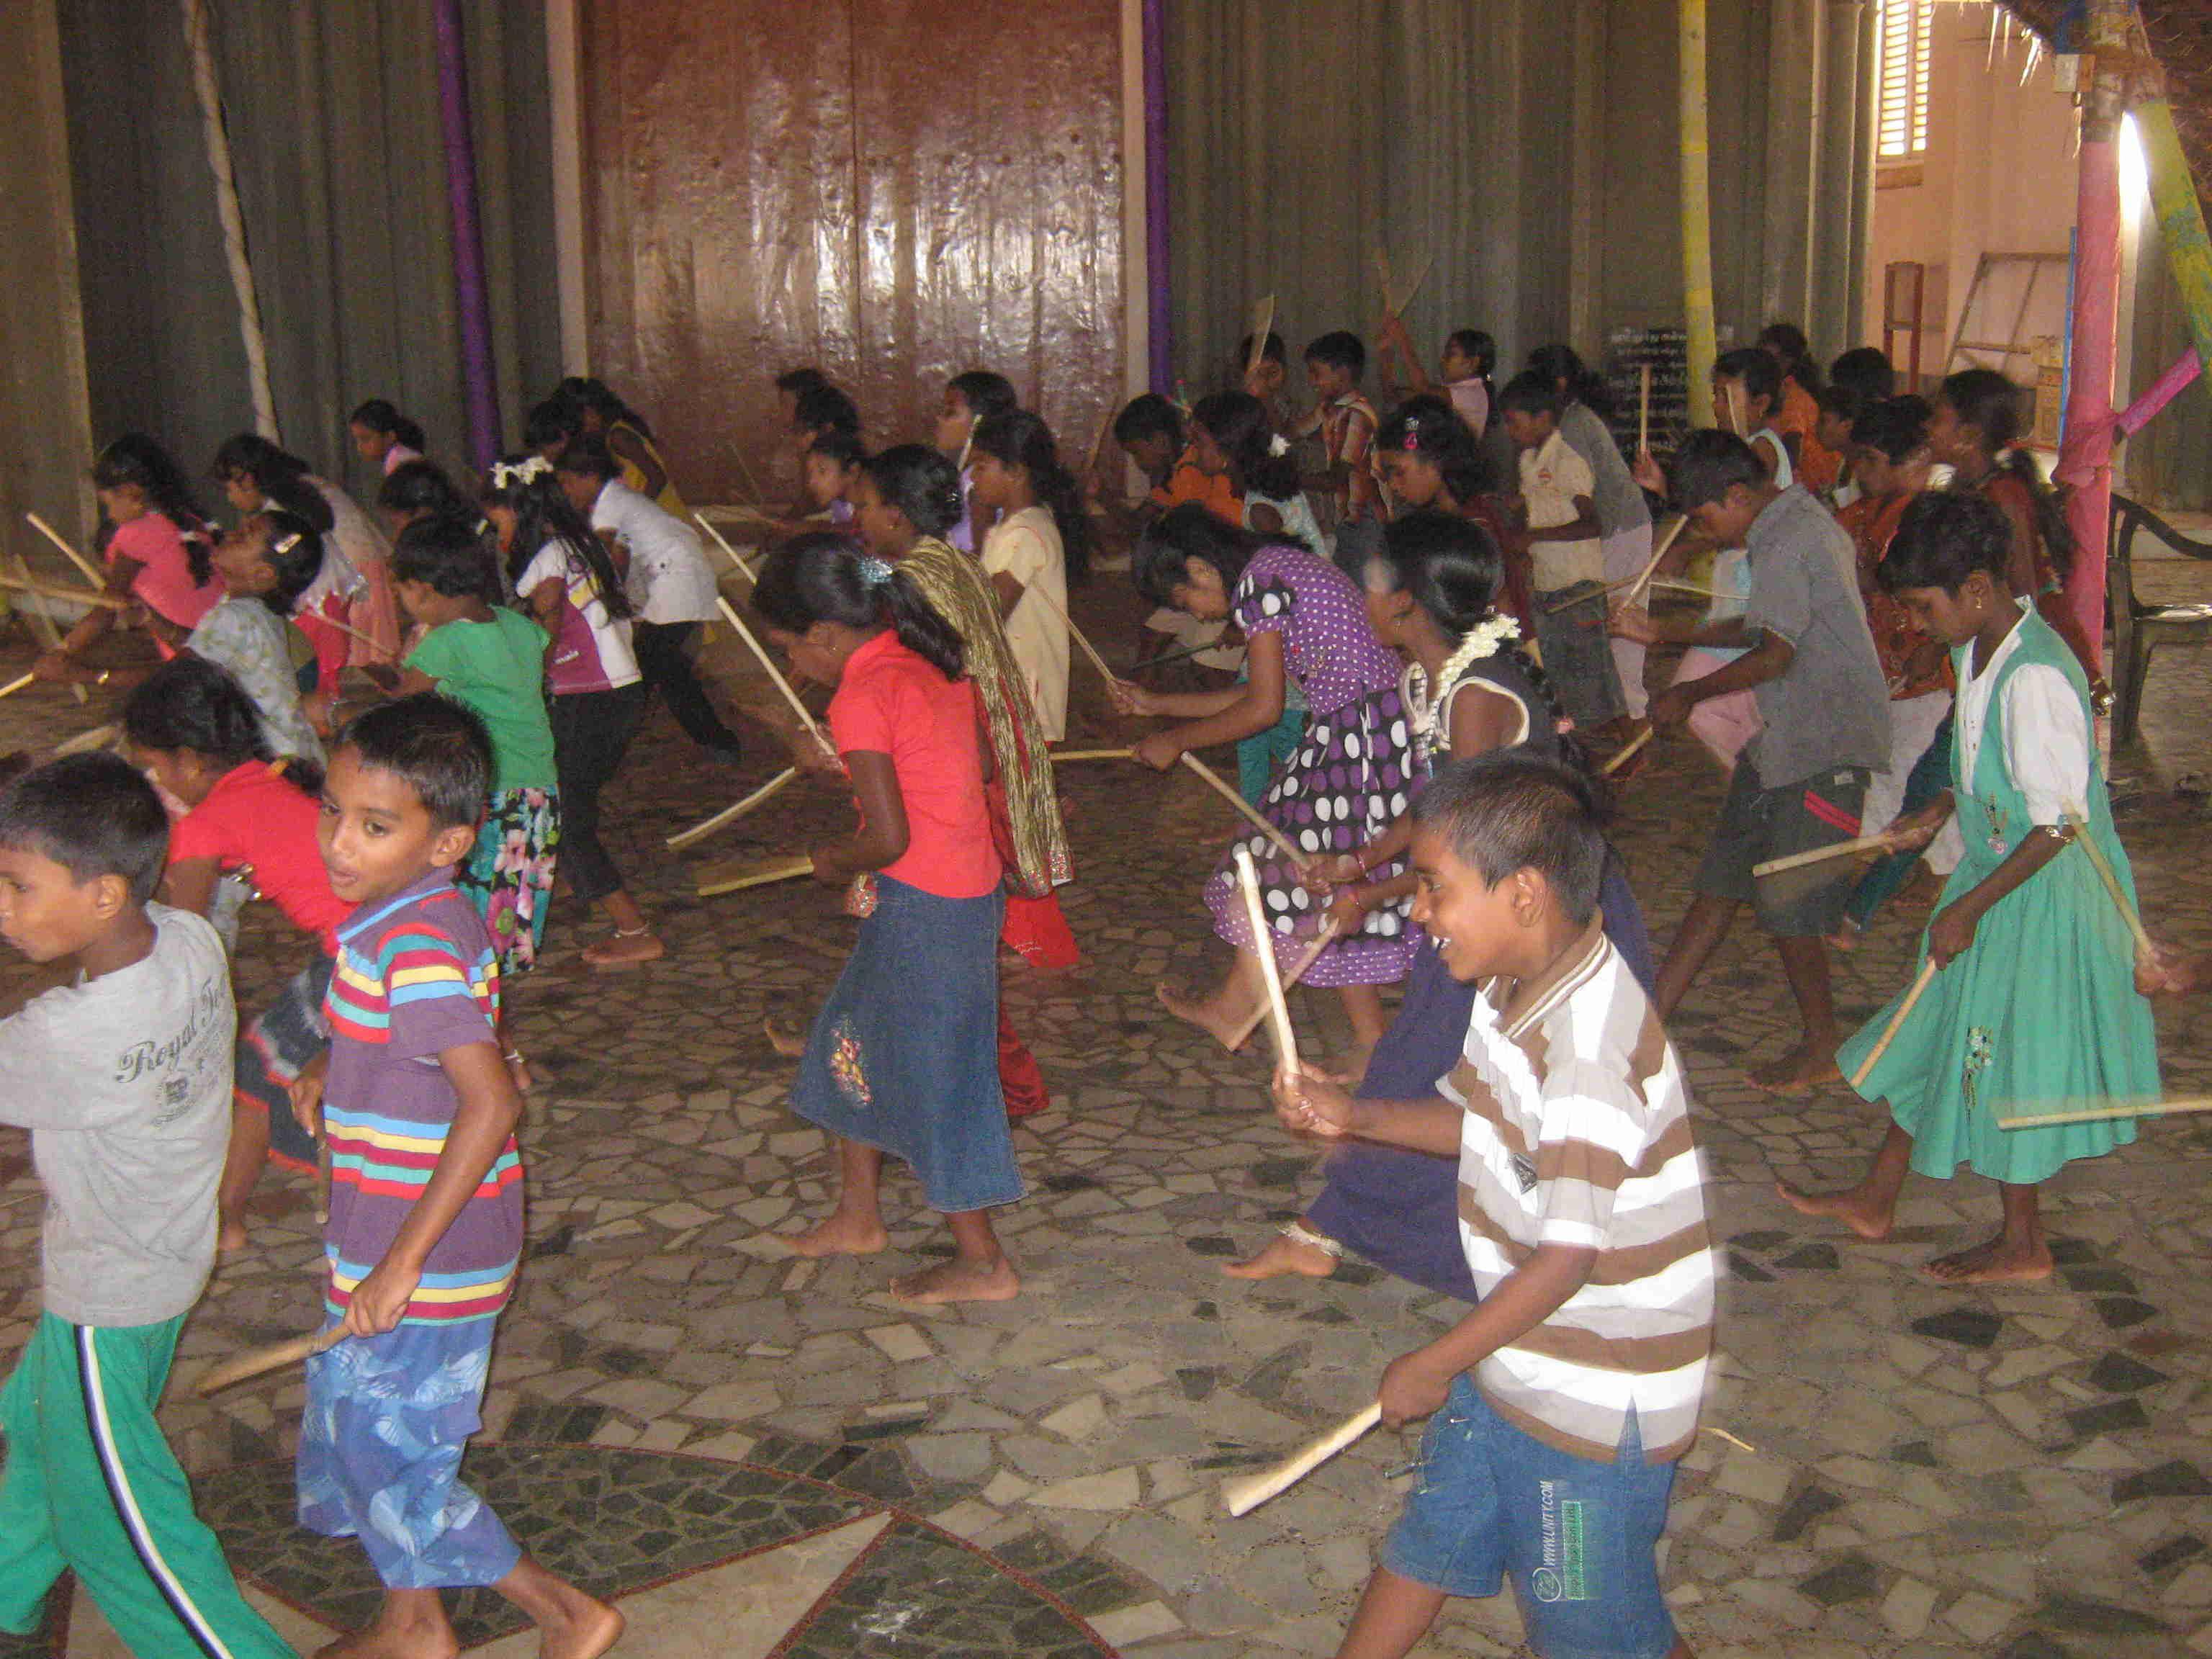 ছবি তুলেছেন জিতেন নন্দী, ৩০/১২/২০১২, কুথানকুলি